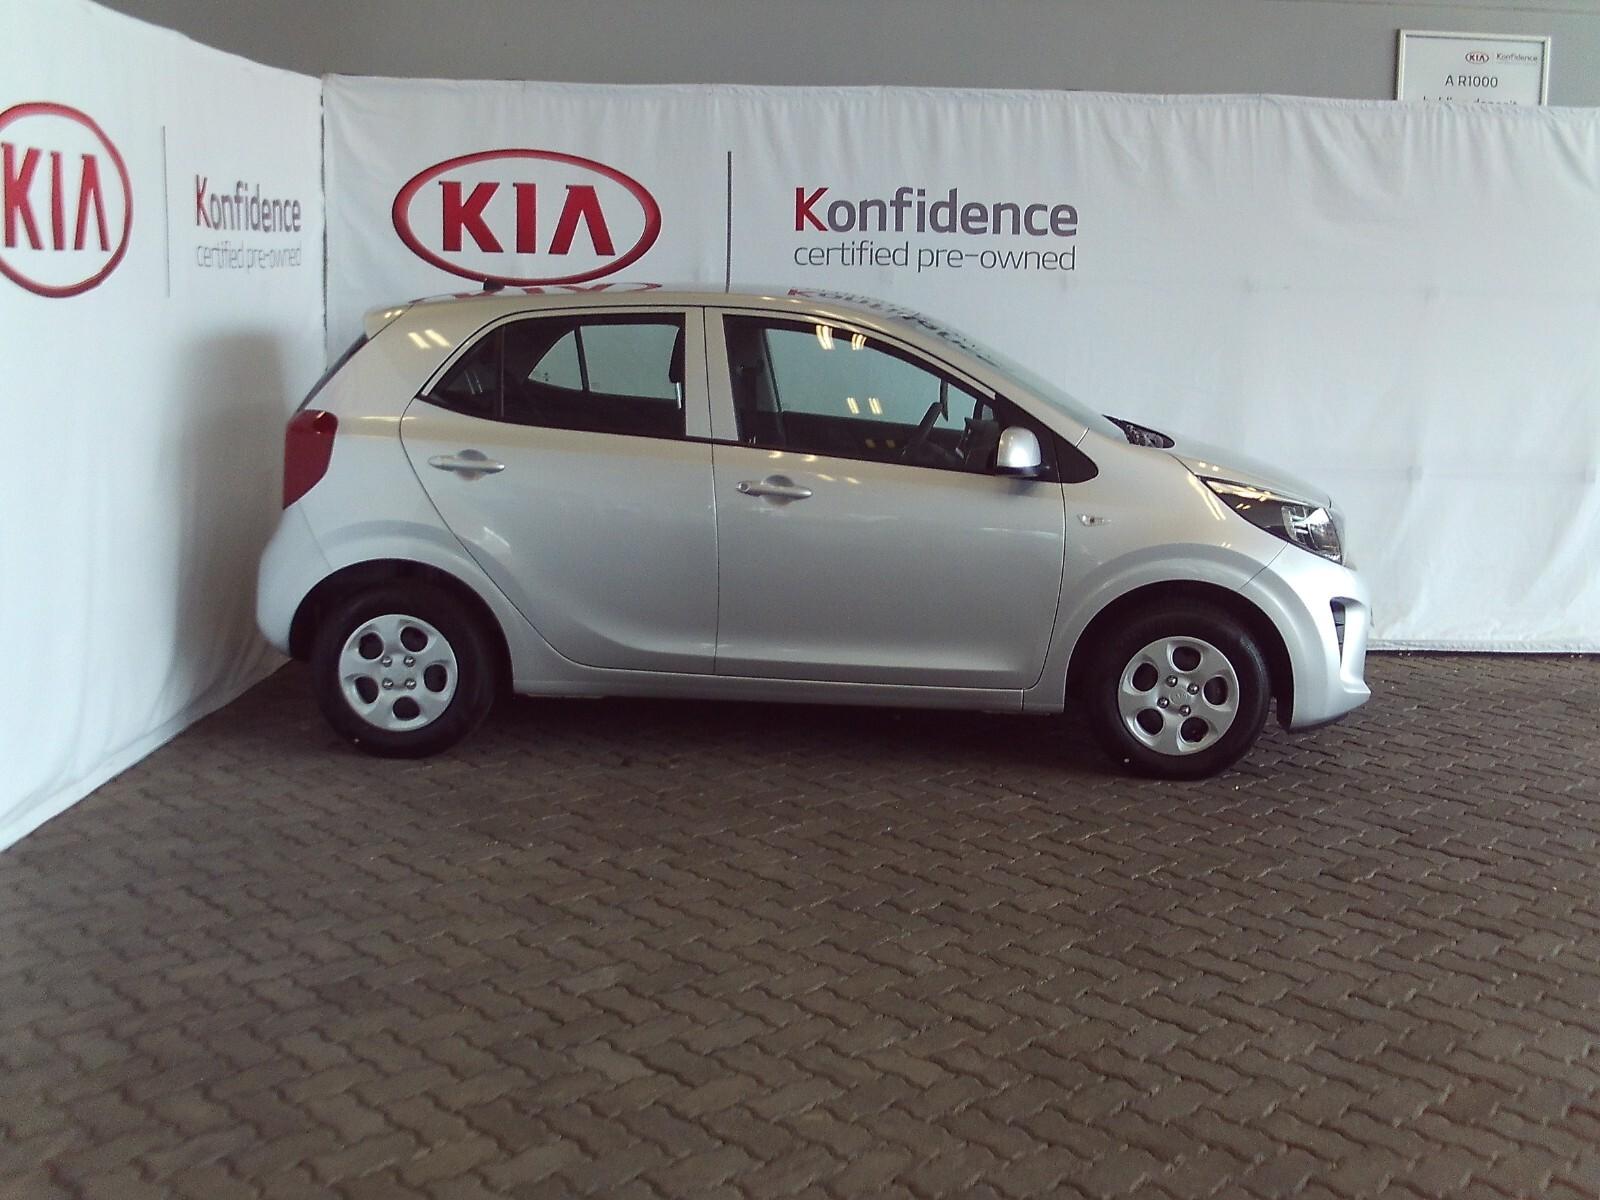 KIA 1.0 START Pretoria 2335163